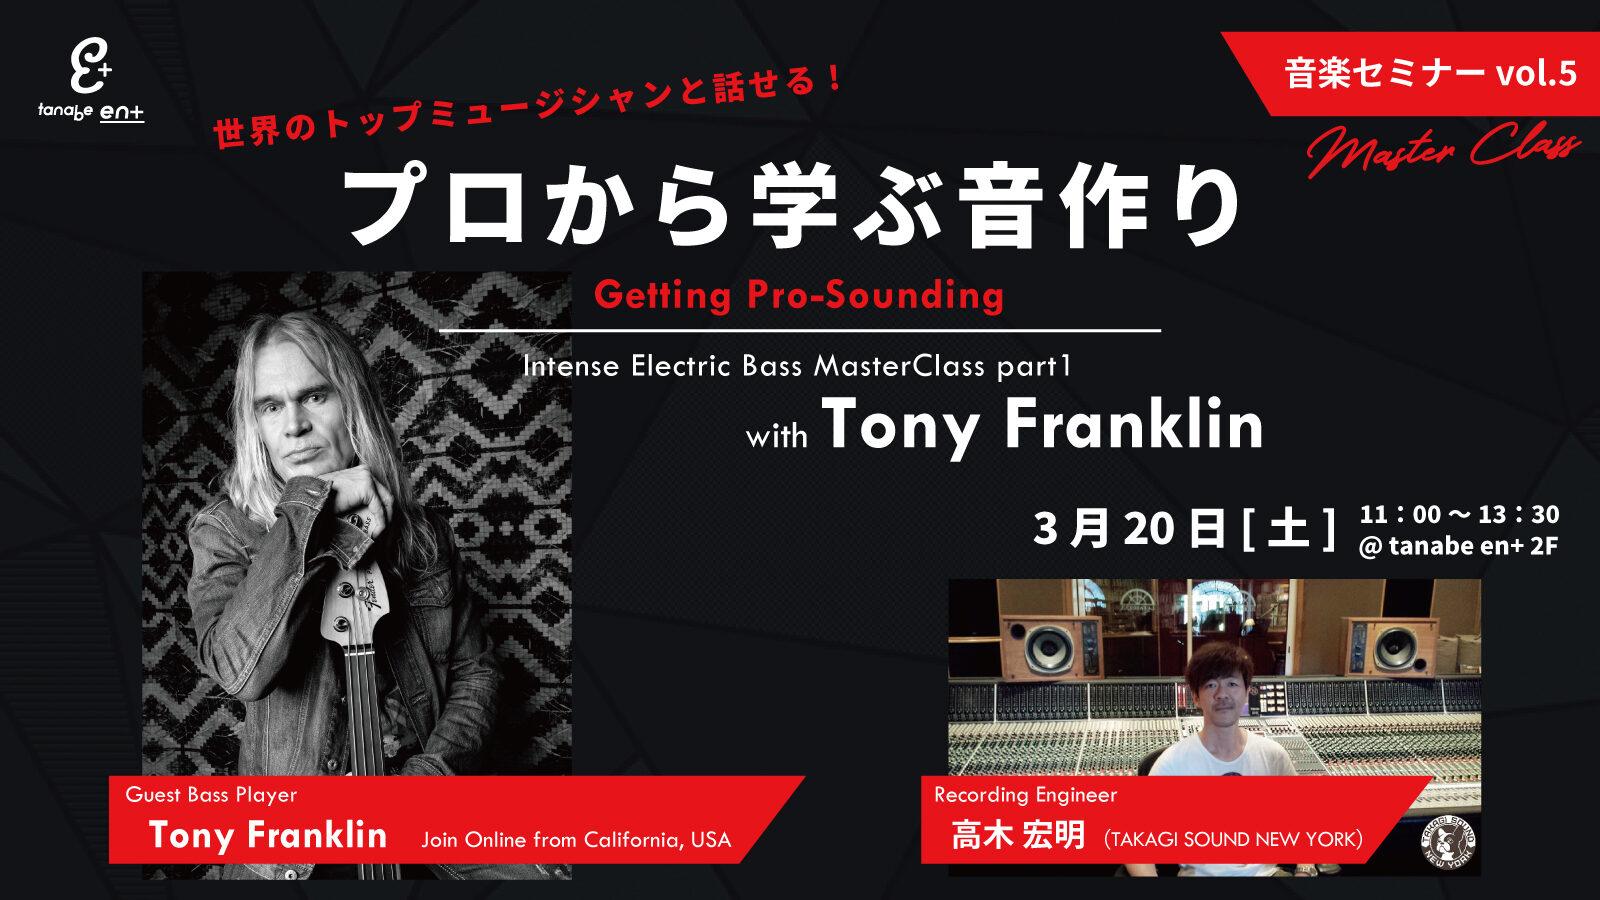 世界のトップミュージシャンと話せる音楽セミナーvol.5 『プロから学ぶ音作り with Tony Franklin』